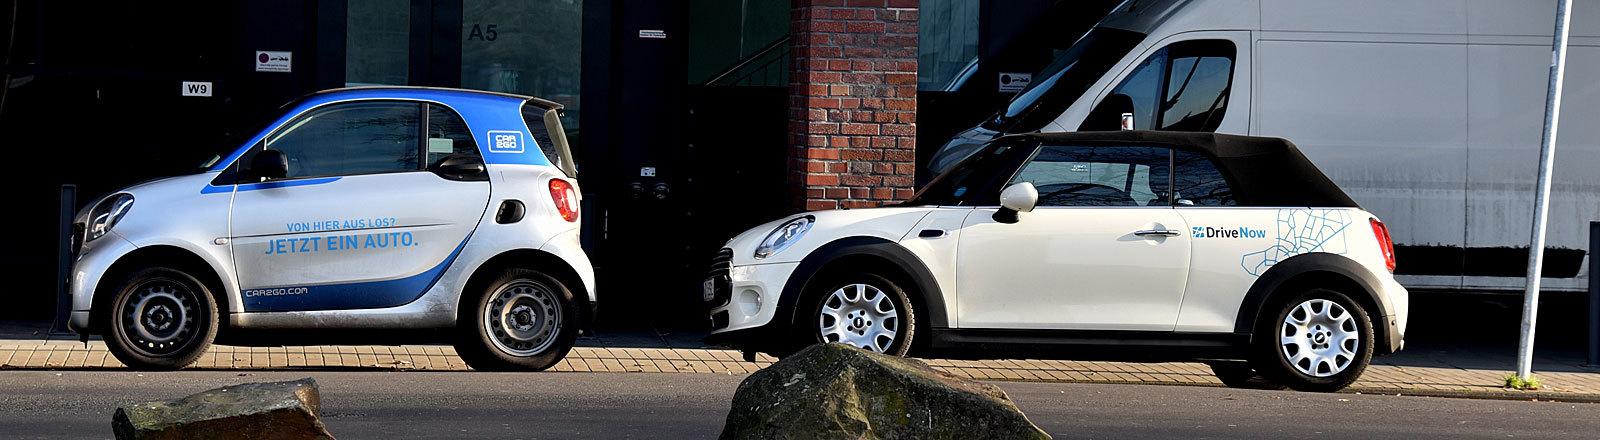 Zwei Carsharing-Autos nebeneinander.